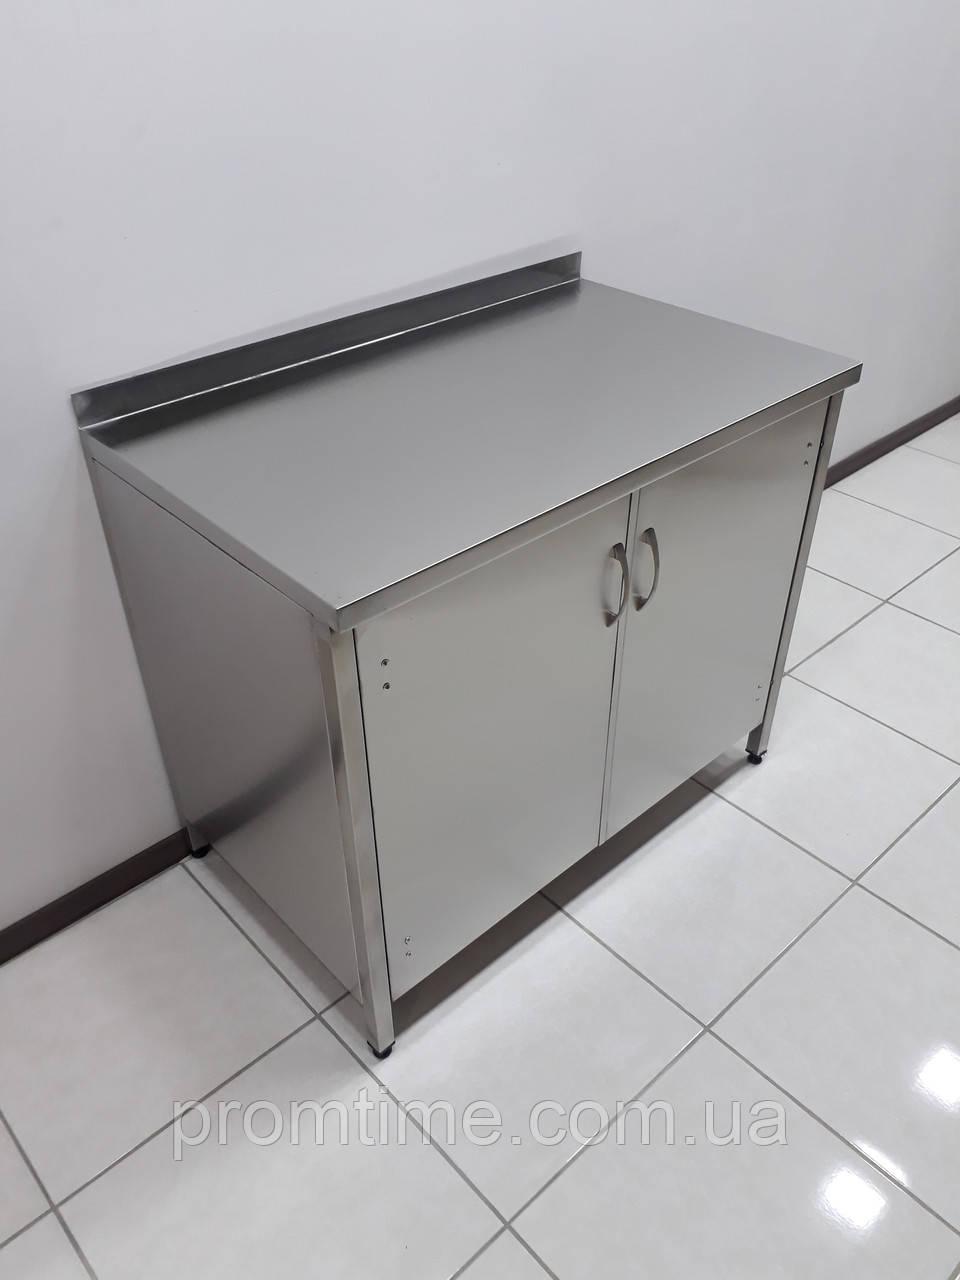 Стол тумба с распашными дверьми 1000х600х850